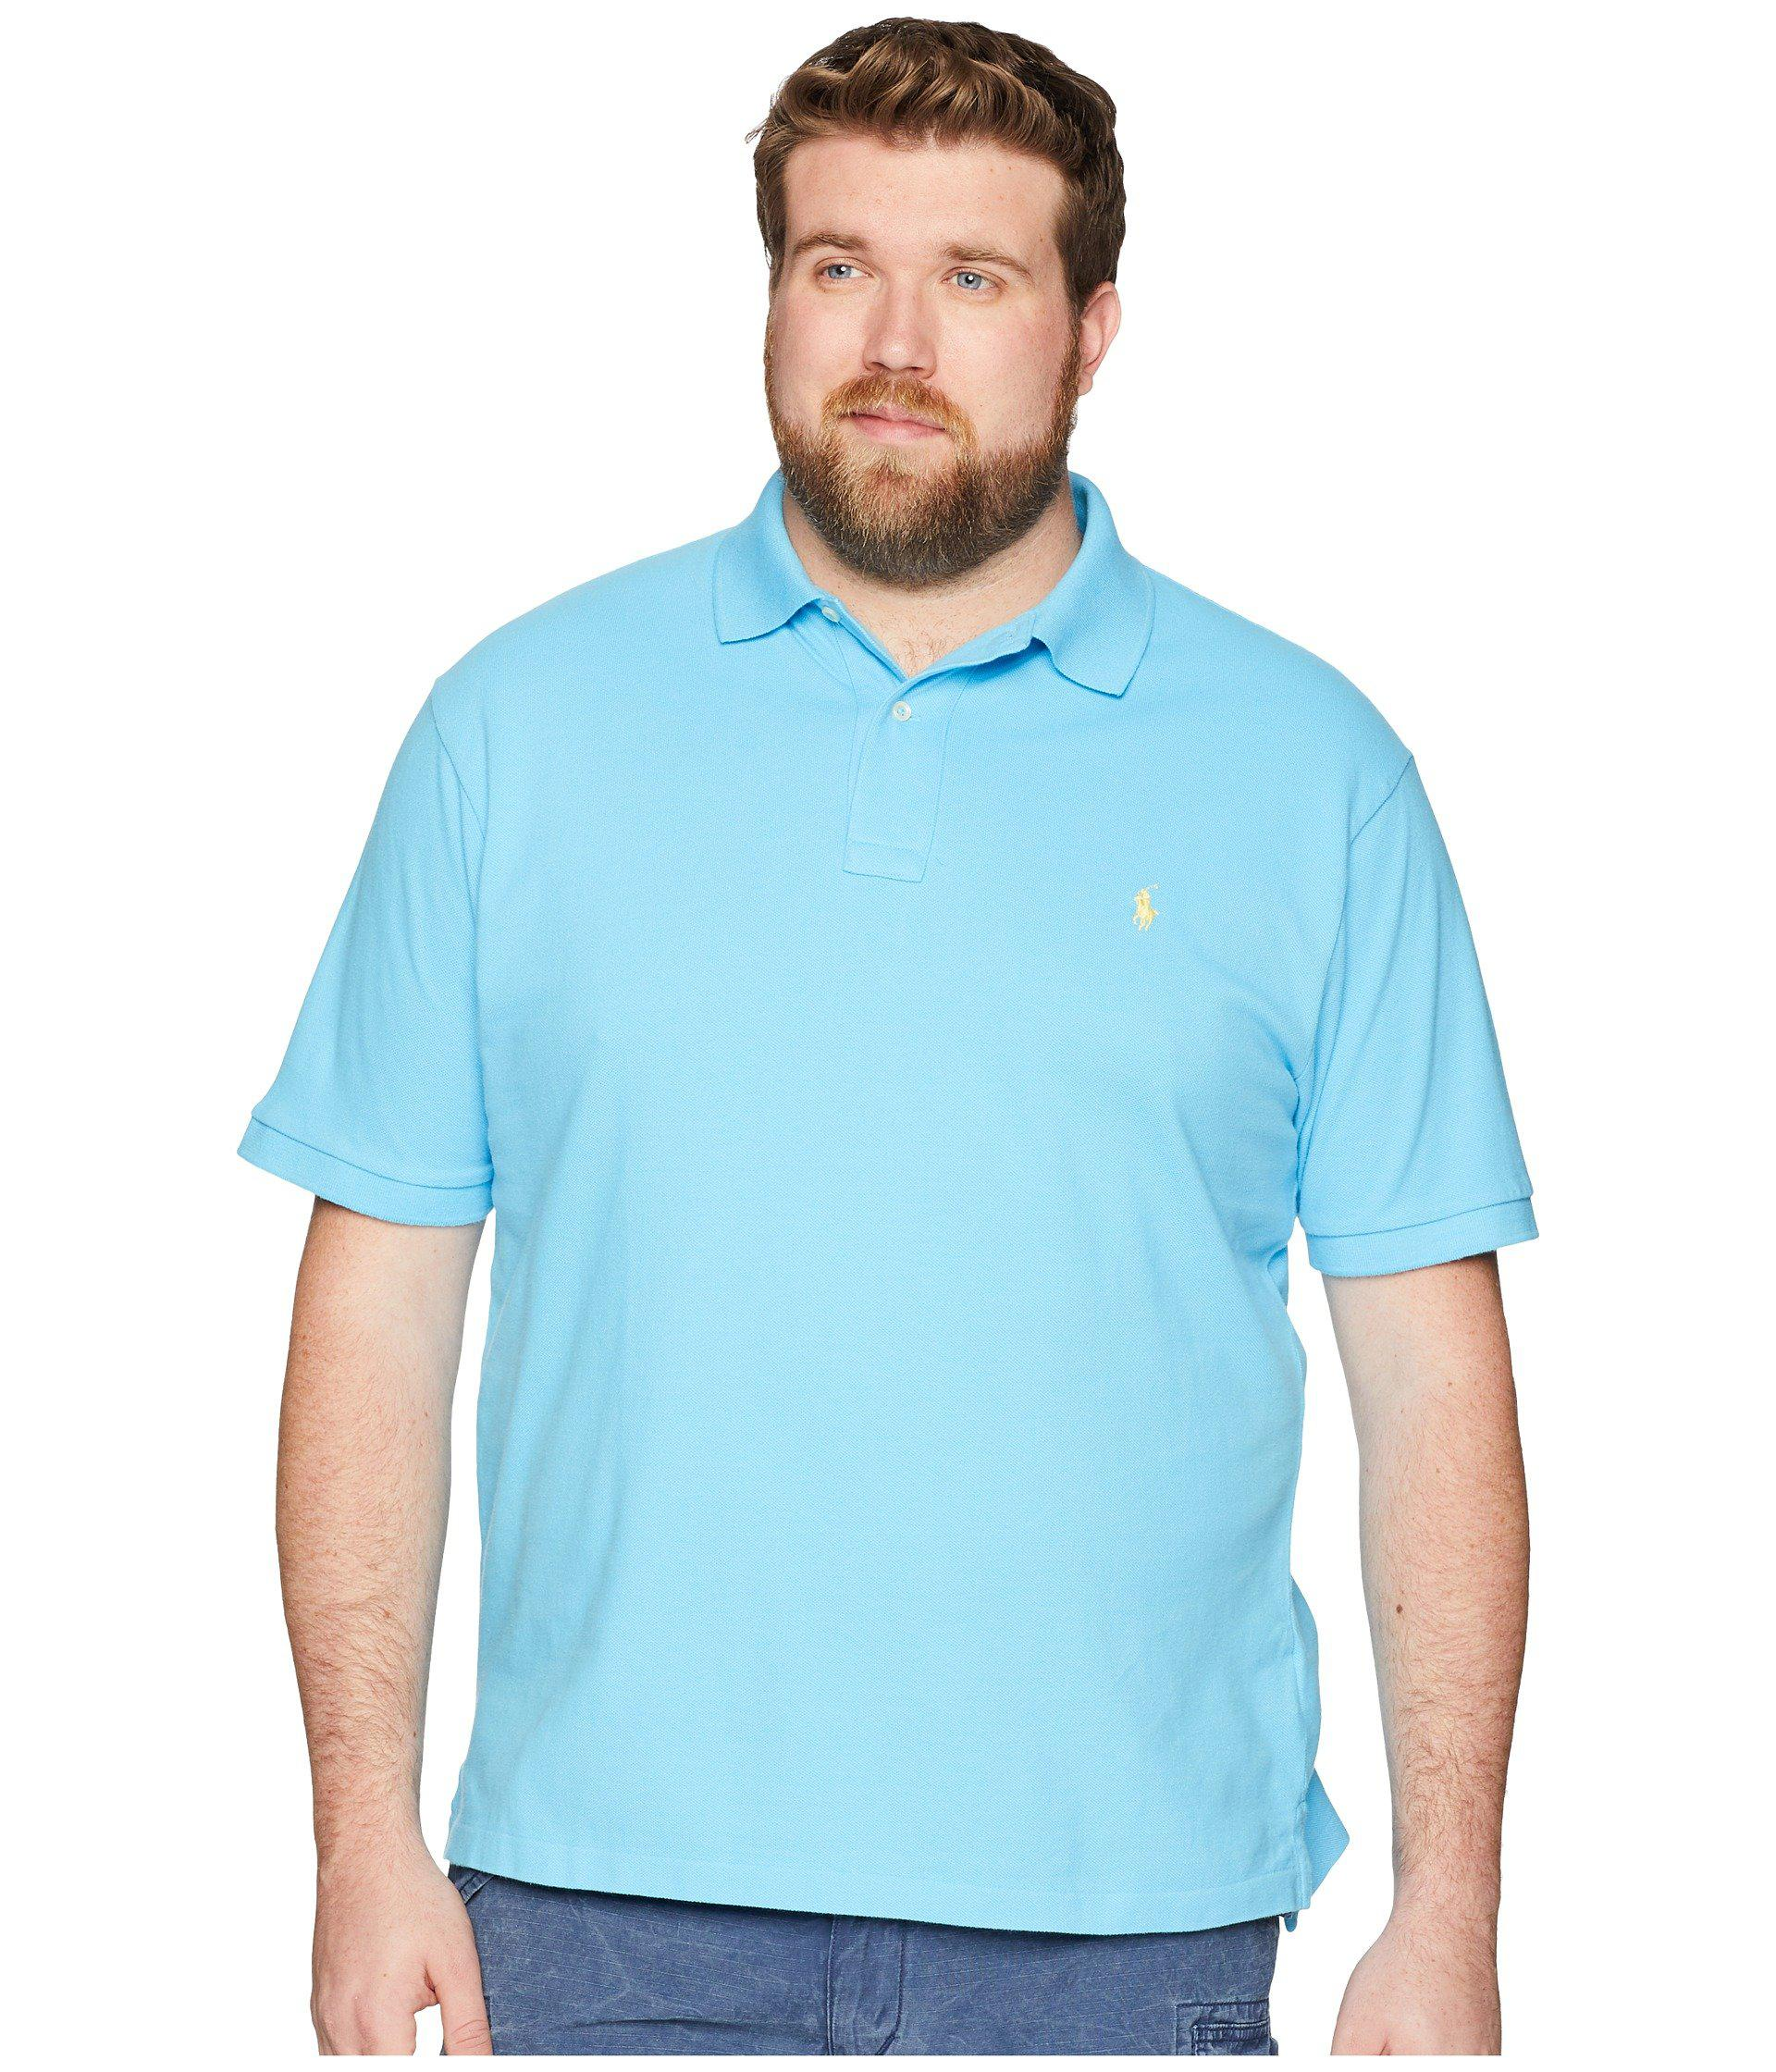 Lyst - Polo Ralph Lauren Big   Tall Weathered Mesh Short Sleeve Knit ... bb2d0b80fd59